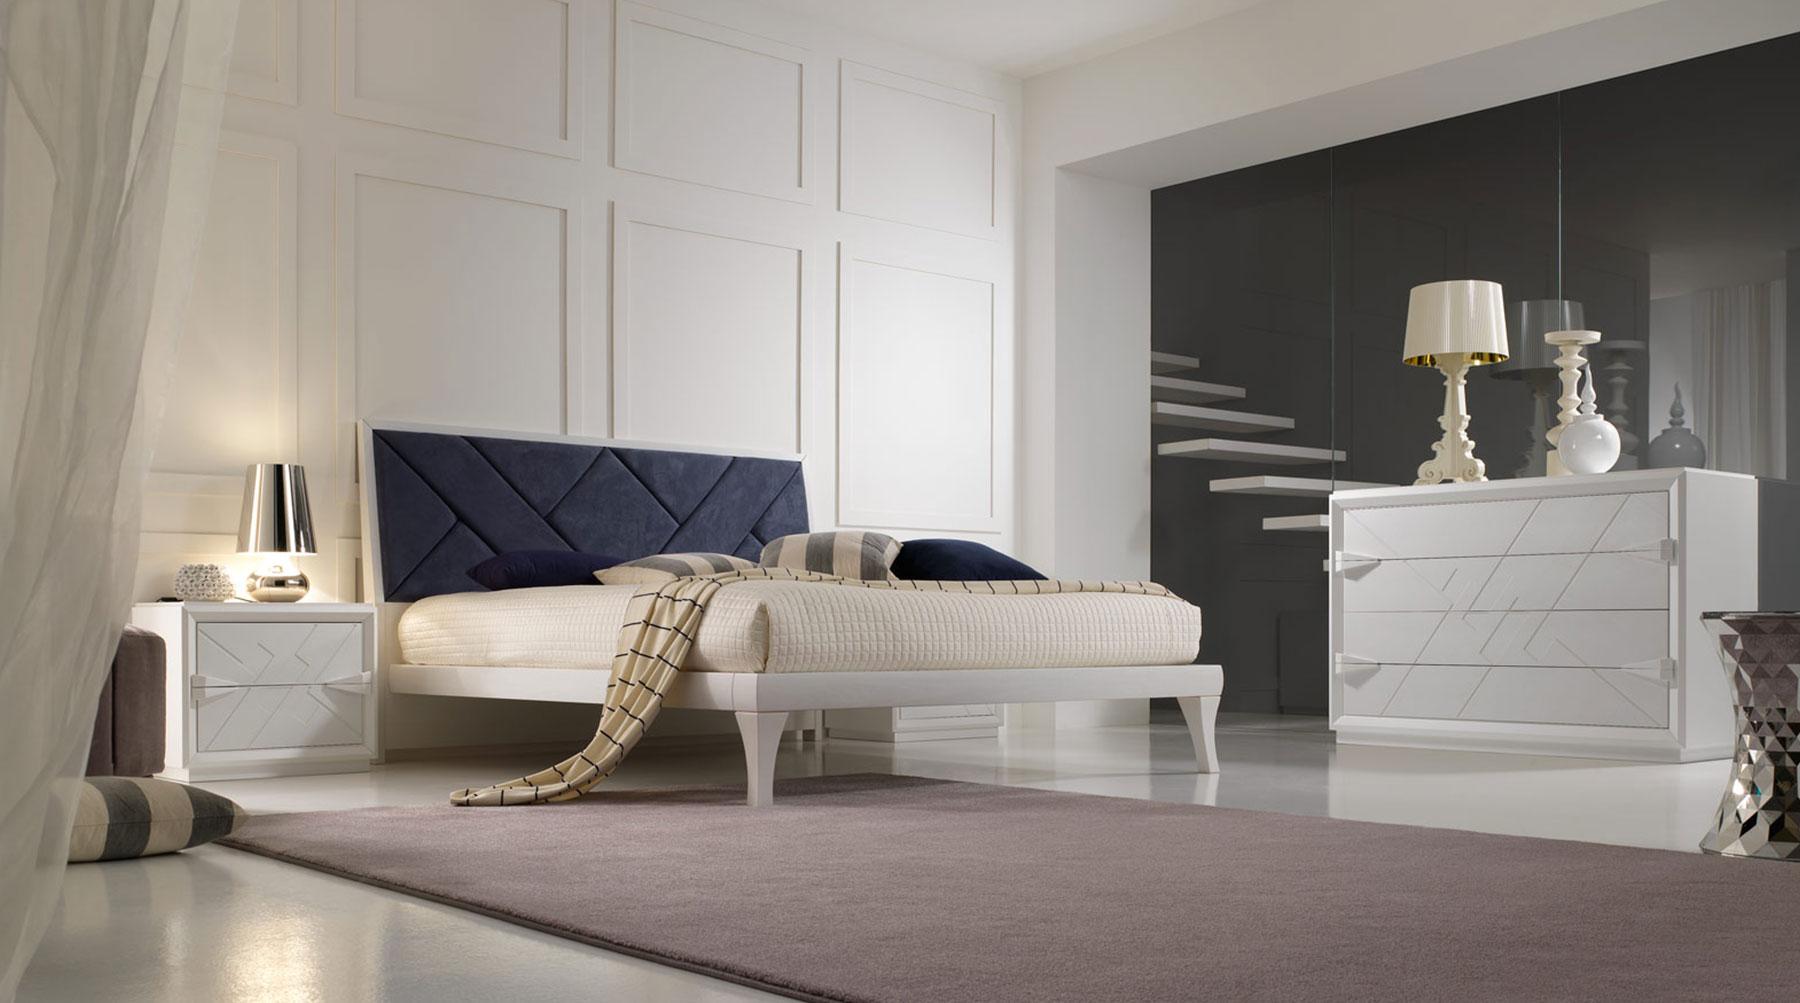 Zona Notte Arredamento.Arredamento Zona Notte A Napoli Tolomello Interior Design